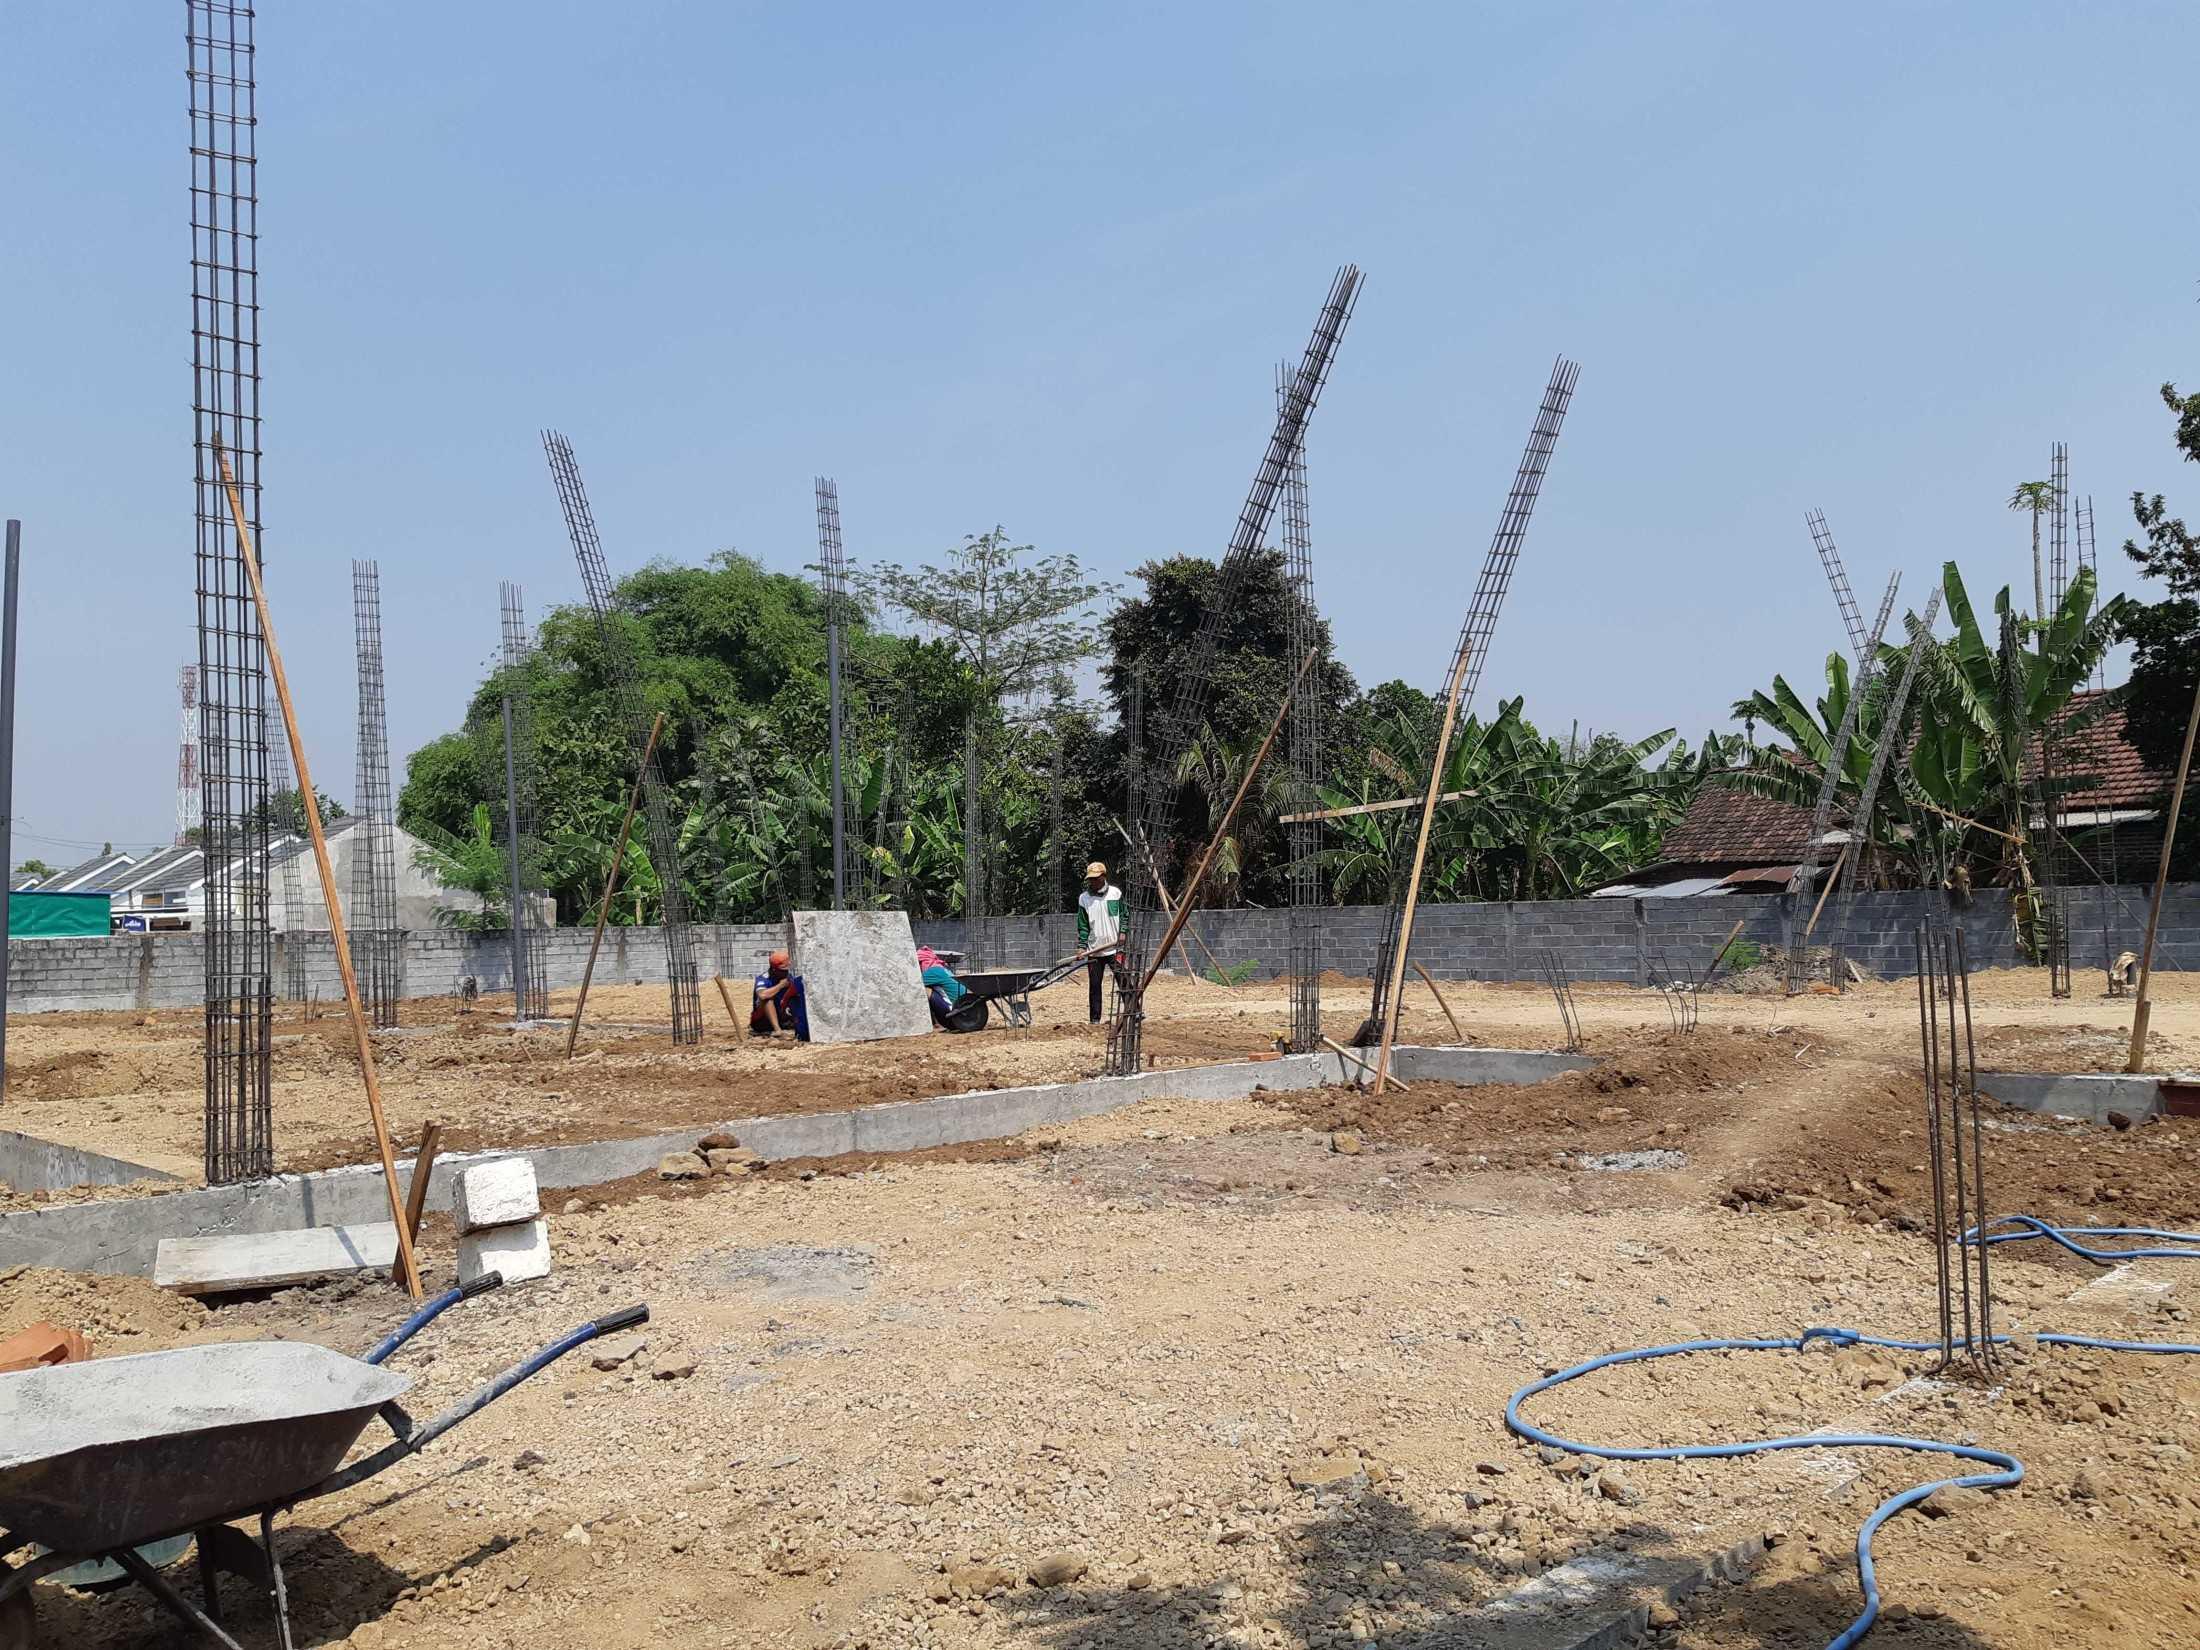 Gradasi Pungky House Mojokerto, Mergelo, Kota Mojokerto, Jawa Timur, Indonesia Mojokerto, Mergelo, Kota Mojokerto, Jawa Timur, Indonesia Gradasi7-Pungky-House  89088